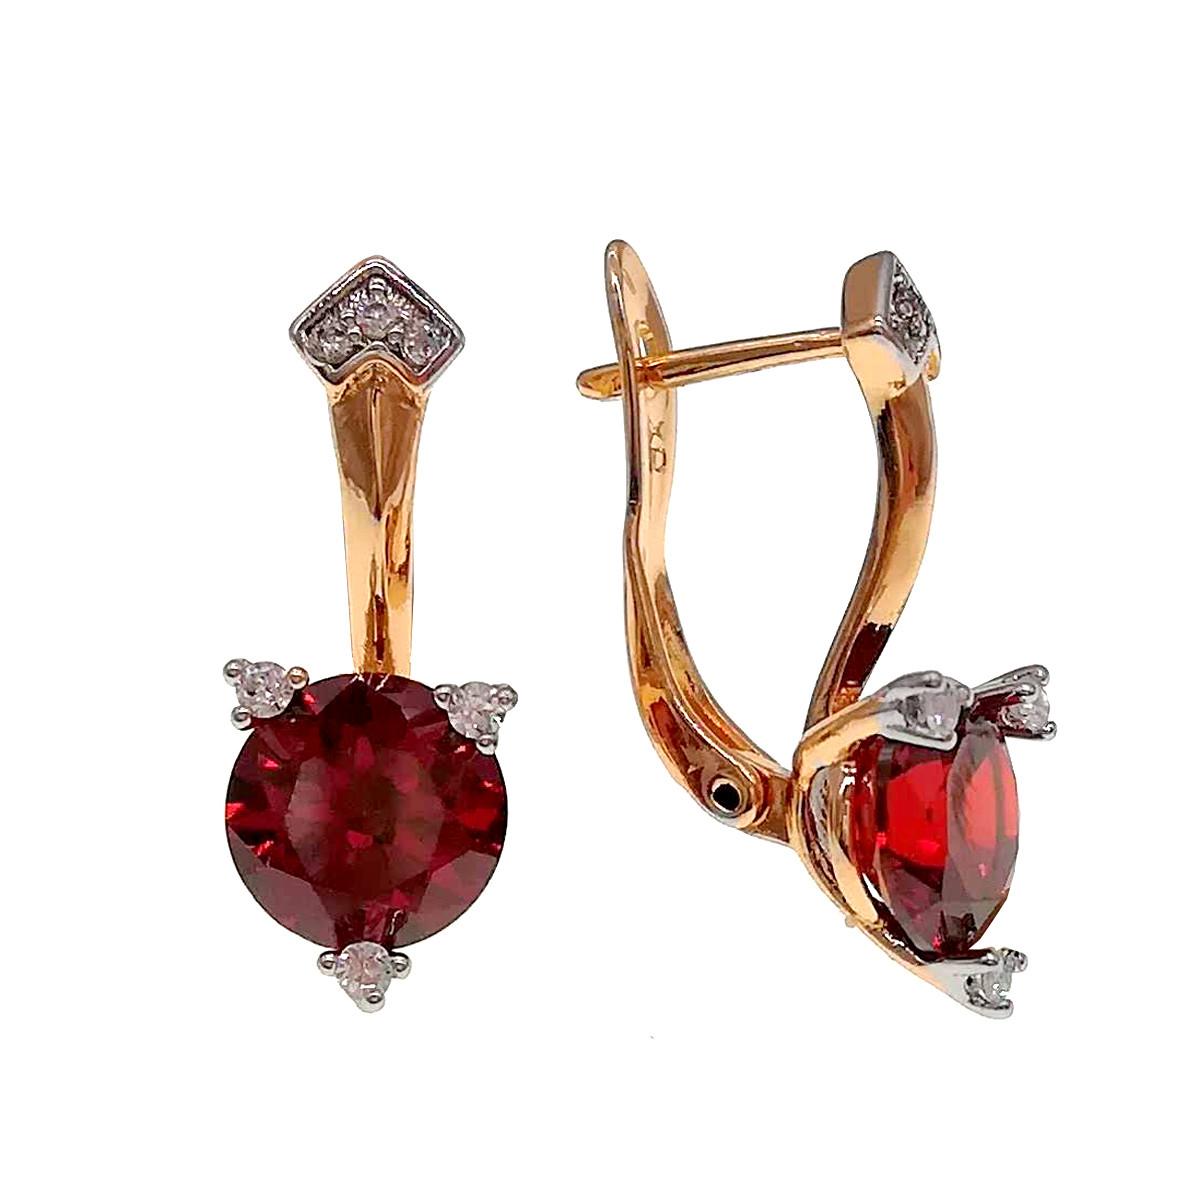 Серьги Xuping из медицинского золота,, гранатово-красные фианиты, позолота 18К + родий, 24422       (1)